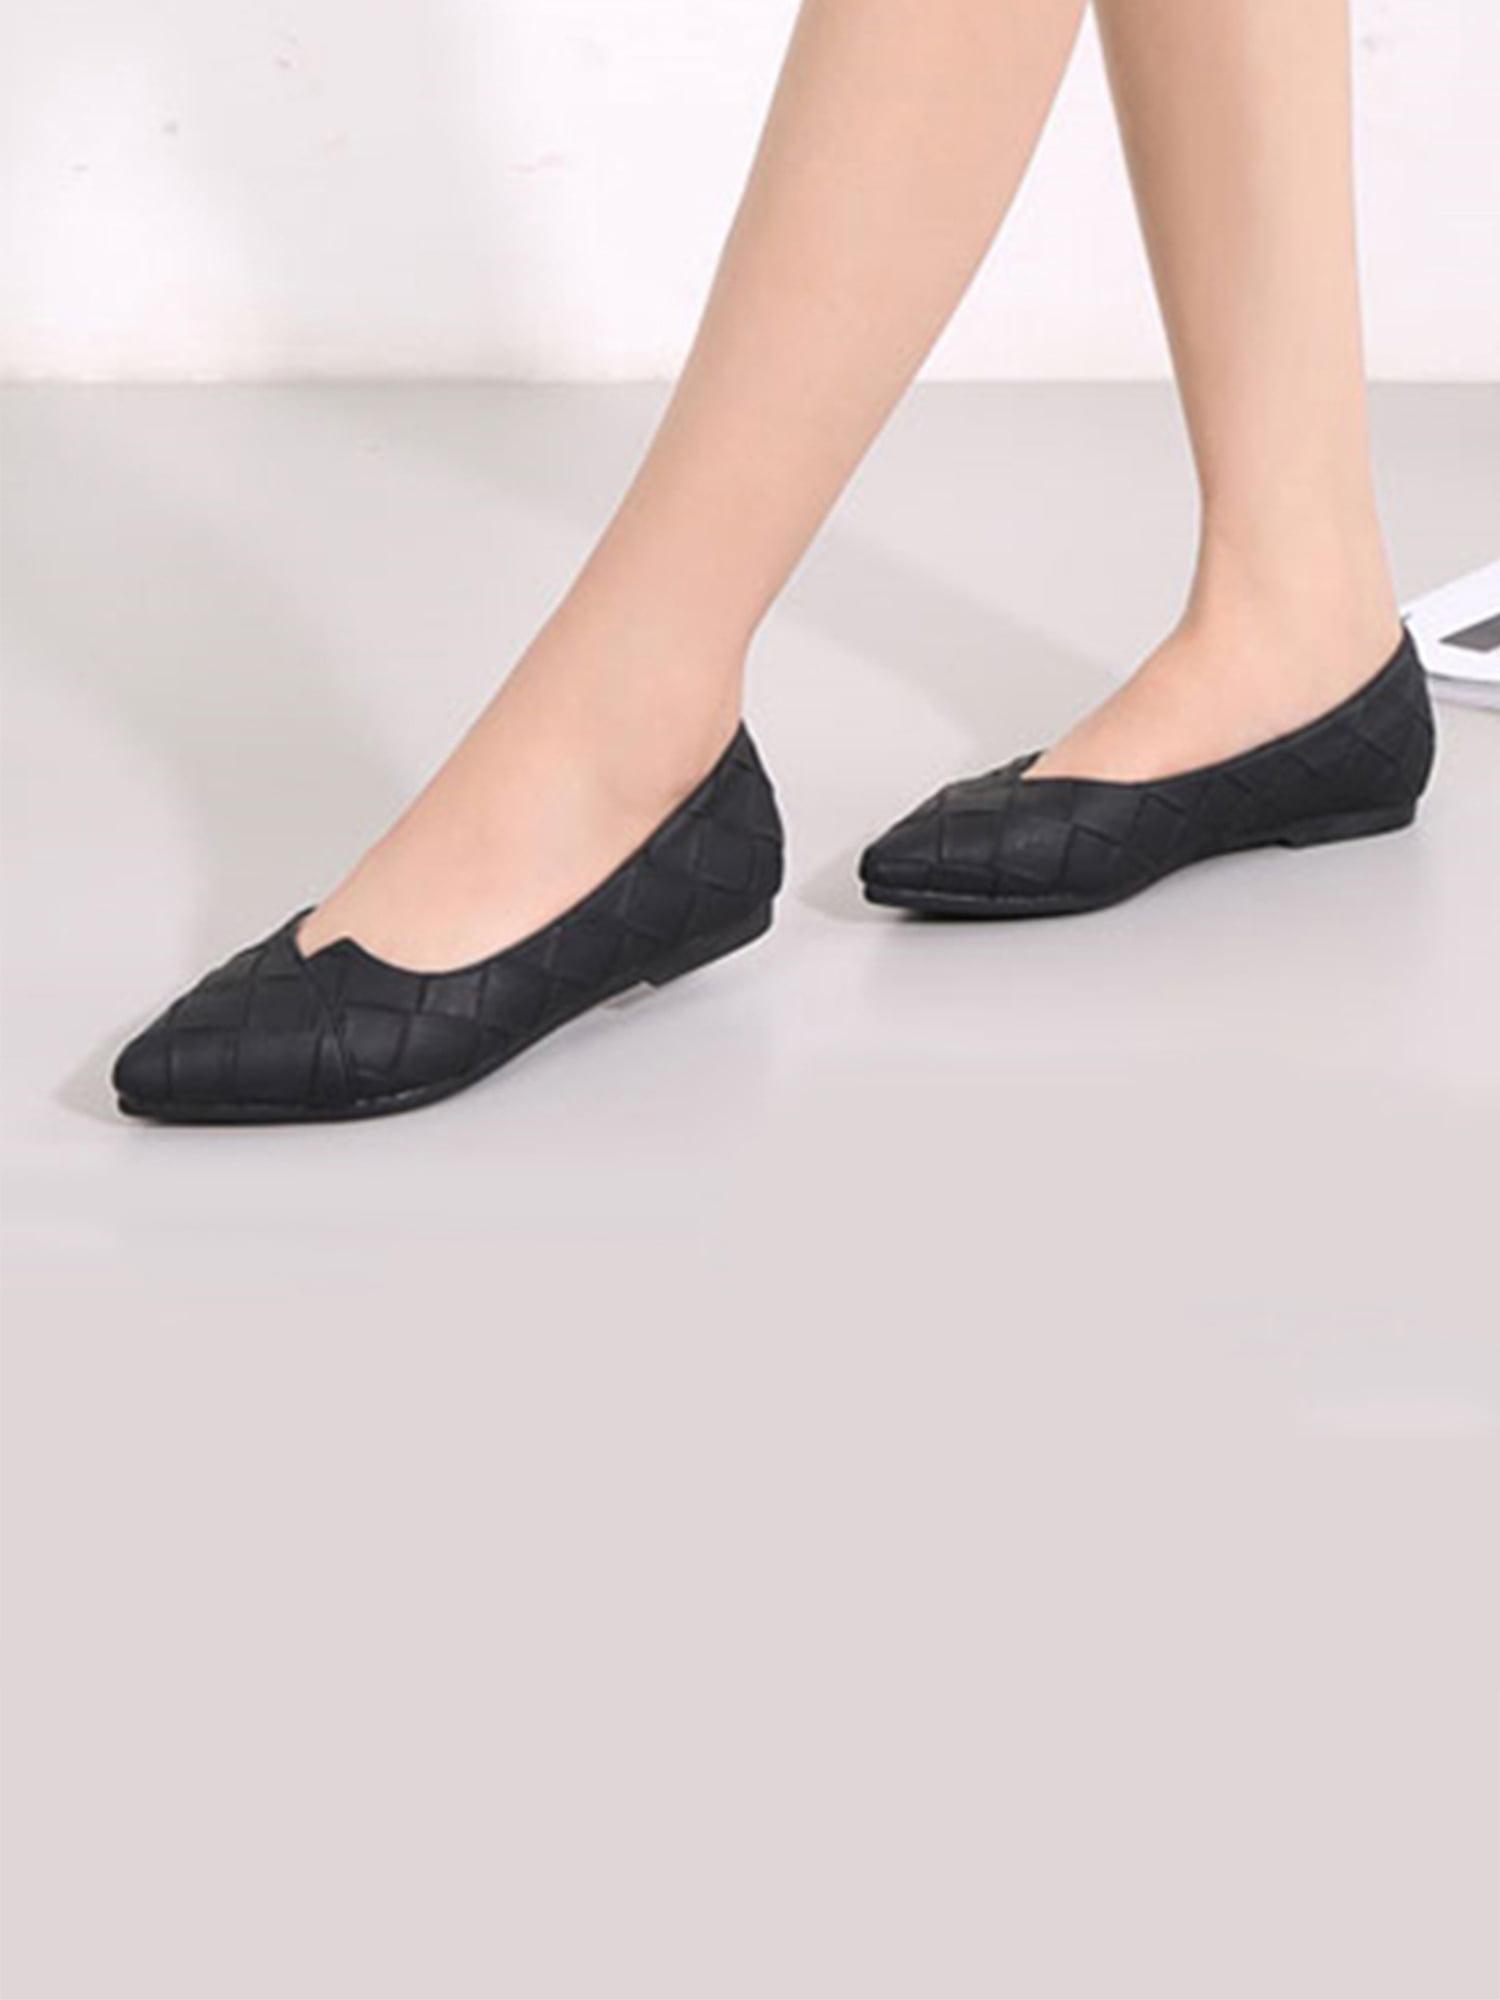 Dear Time Pointy Toe Slip On Women Ballerina Ballet Flat Shoes